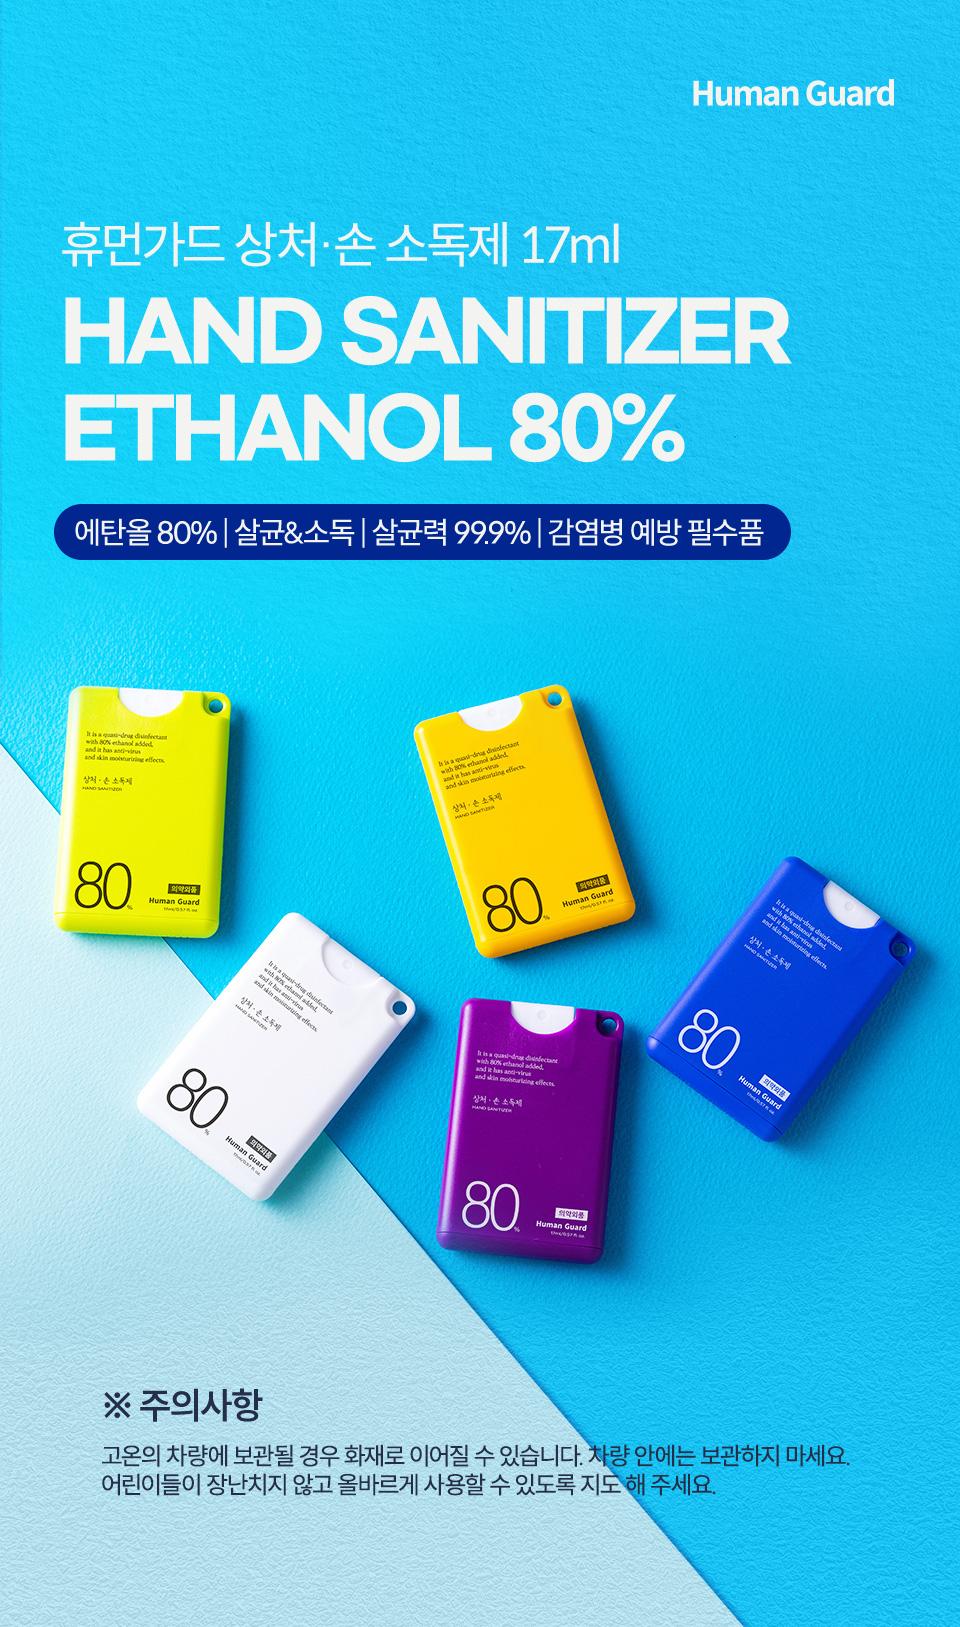 에탄올80%-카드형-손소독제-+-목걸이줄_01.jpg